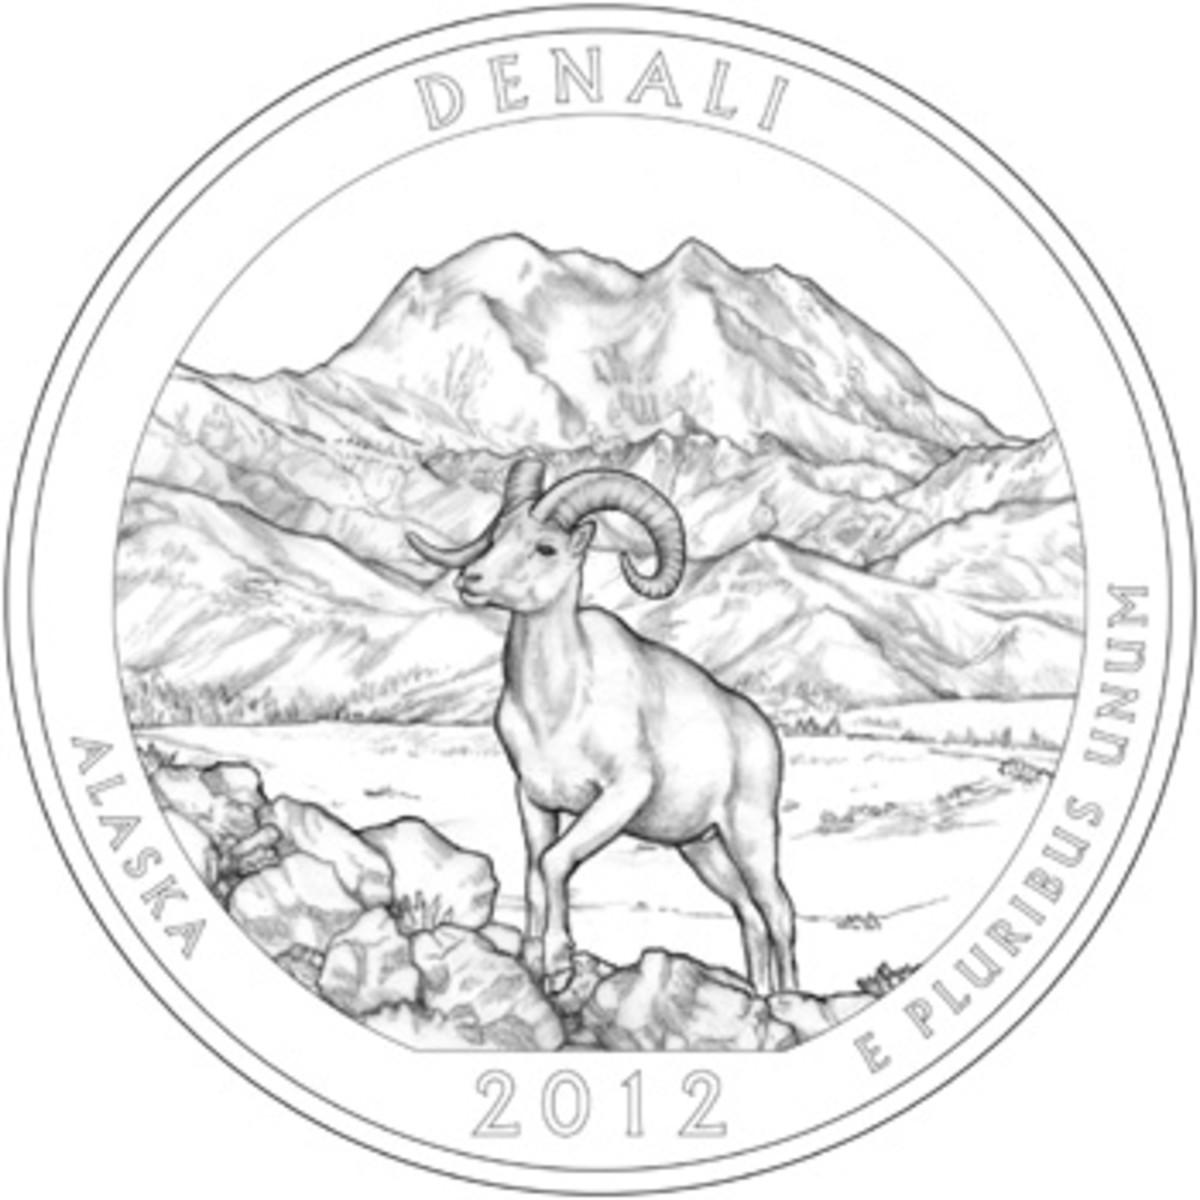 2012-Denali-Silver-bullion-coin-design